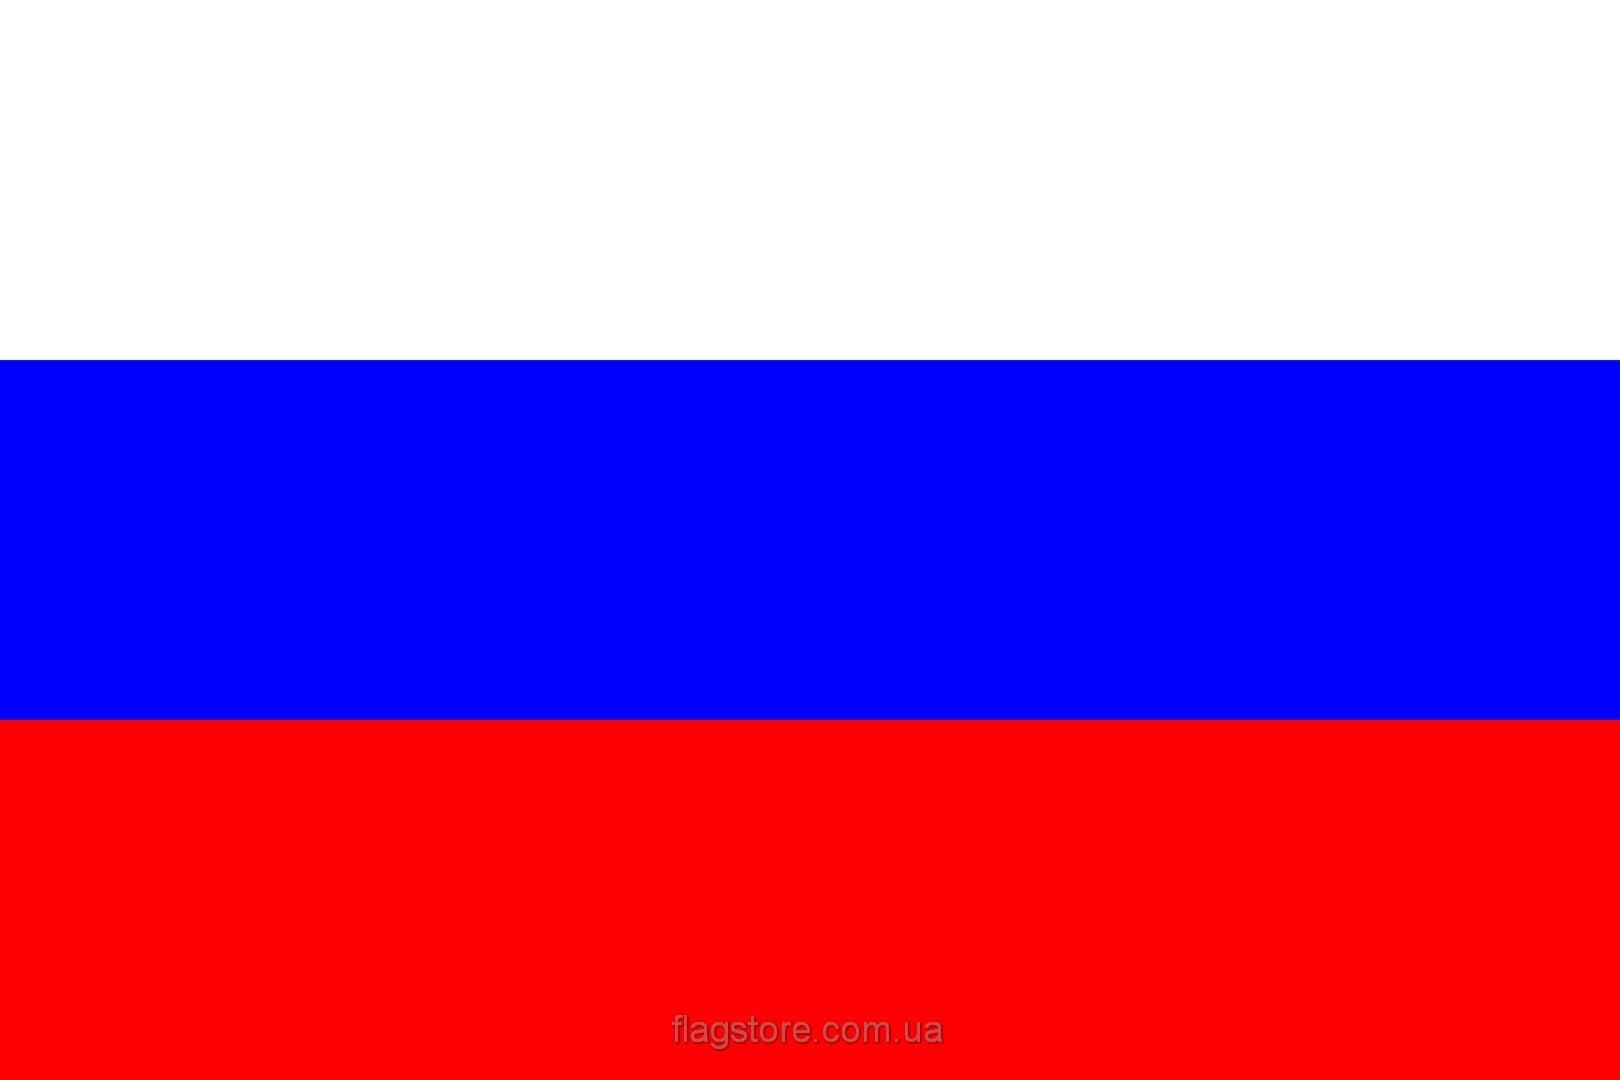 Купить флаг России (страны Россия)